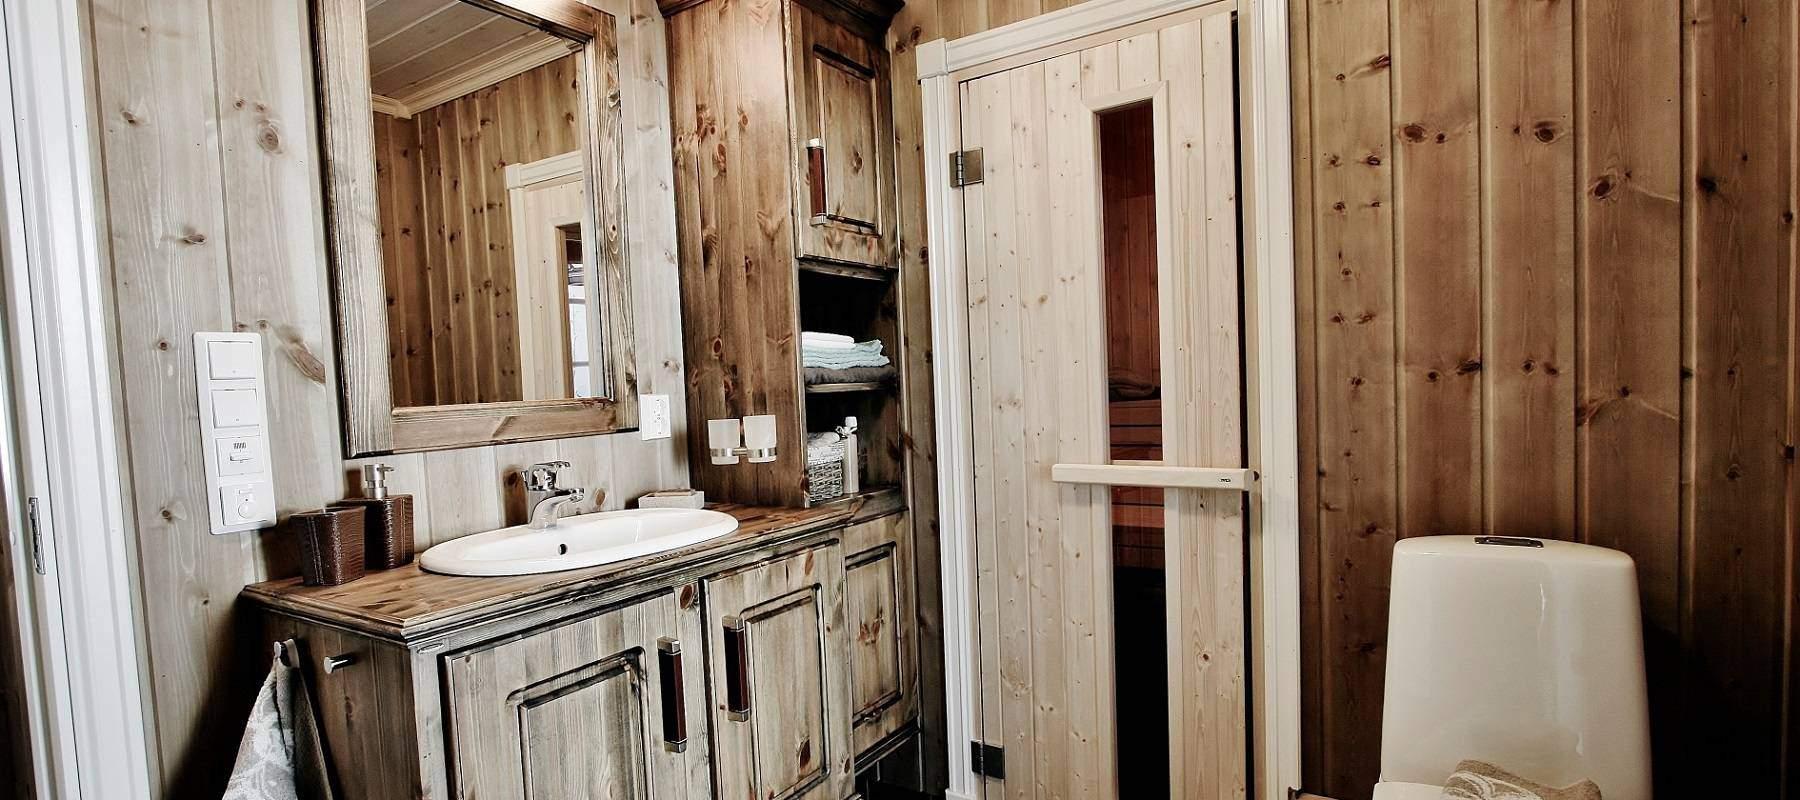 292 Bad i soveromsavdelingen med badstue